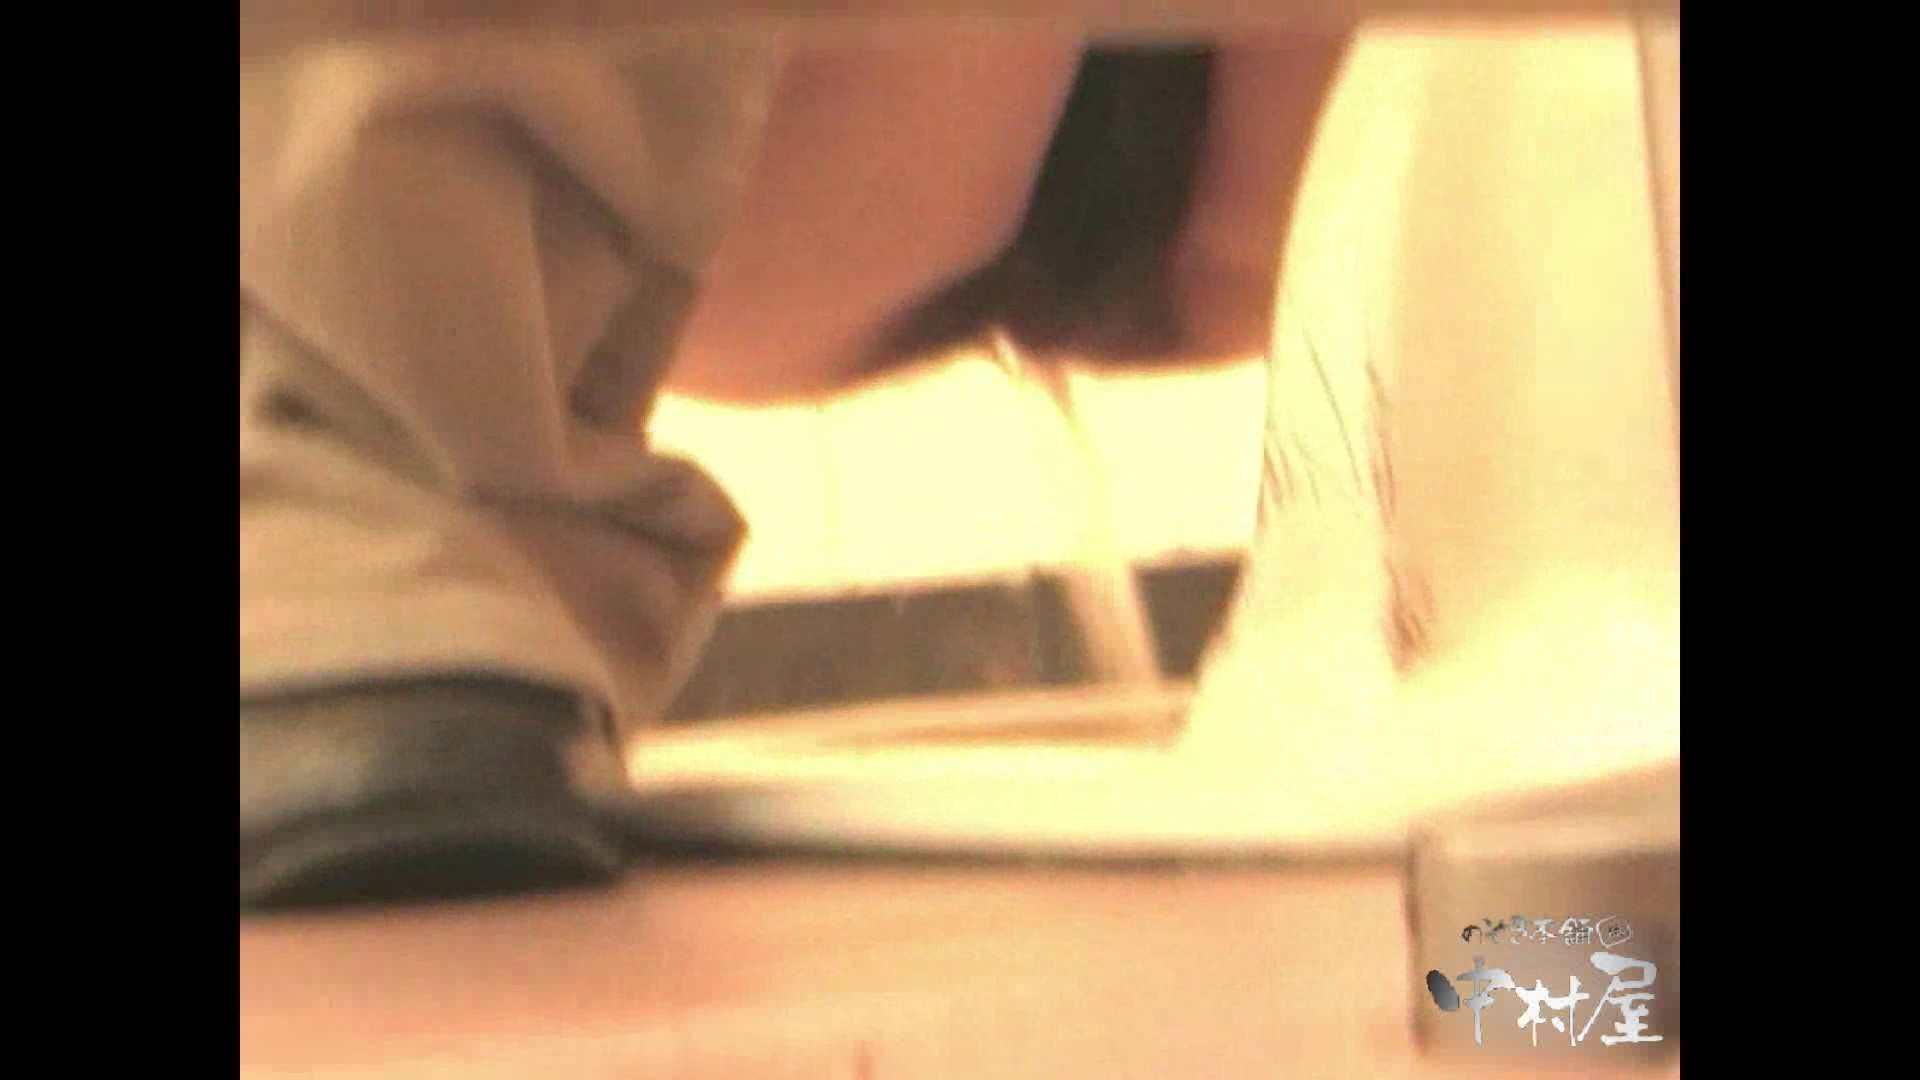 岩手県在住盗撮師盗撮記録vol.02 オマンコもろ おめこ無修正画像 108PIX 53